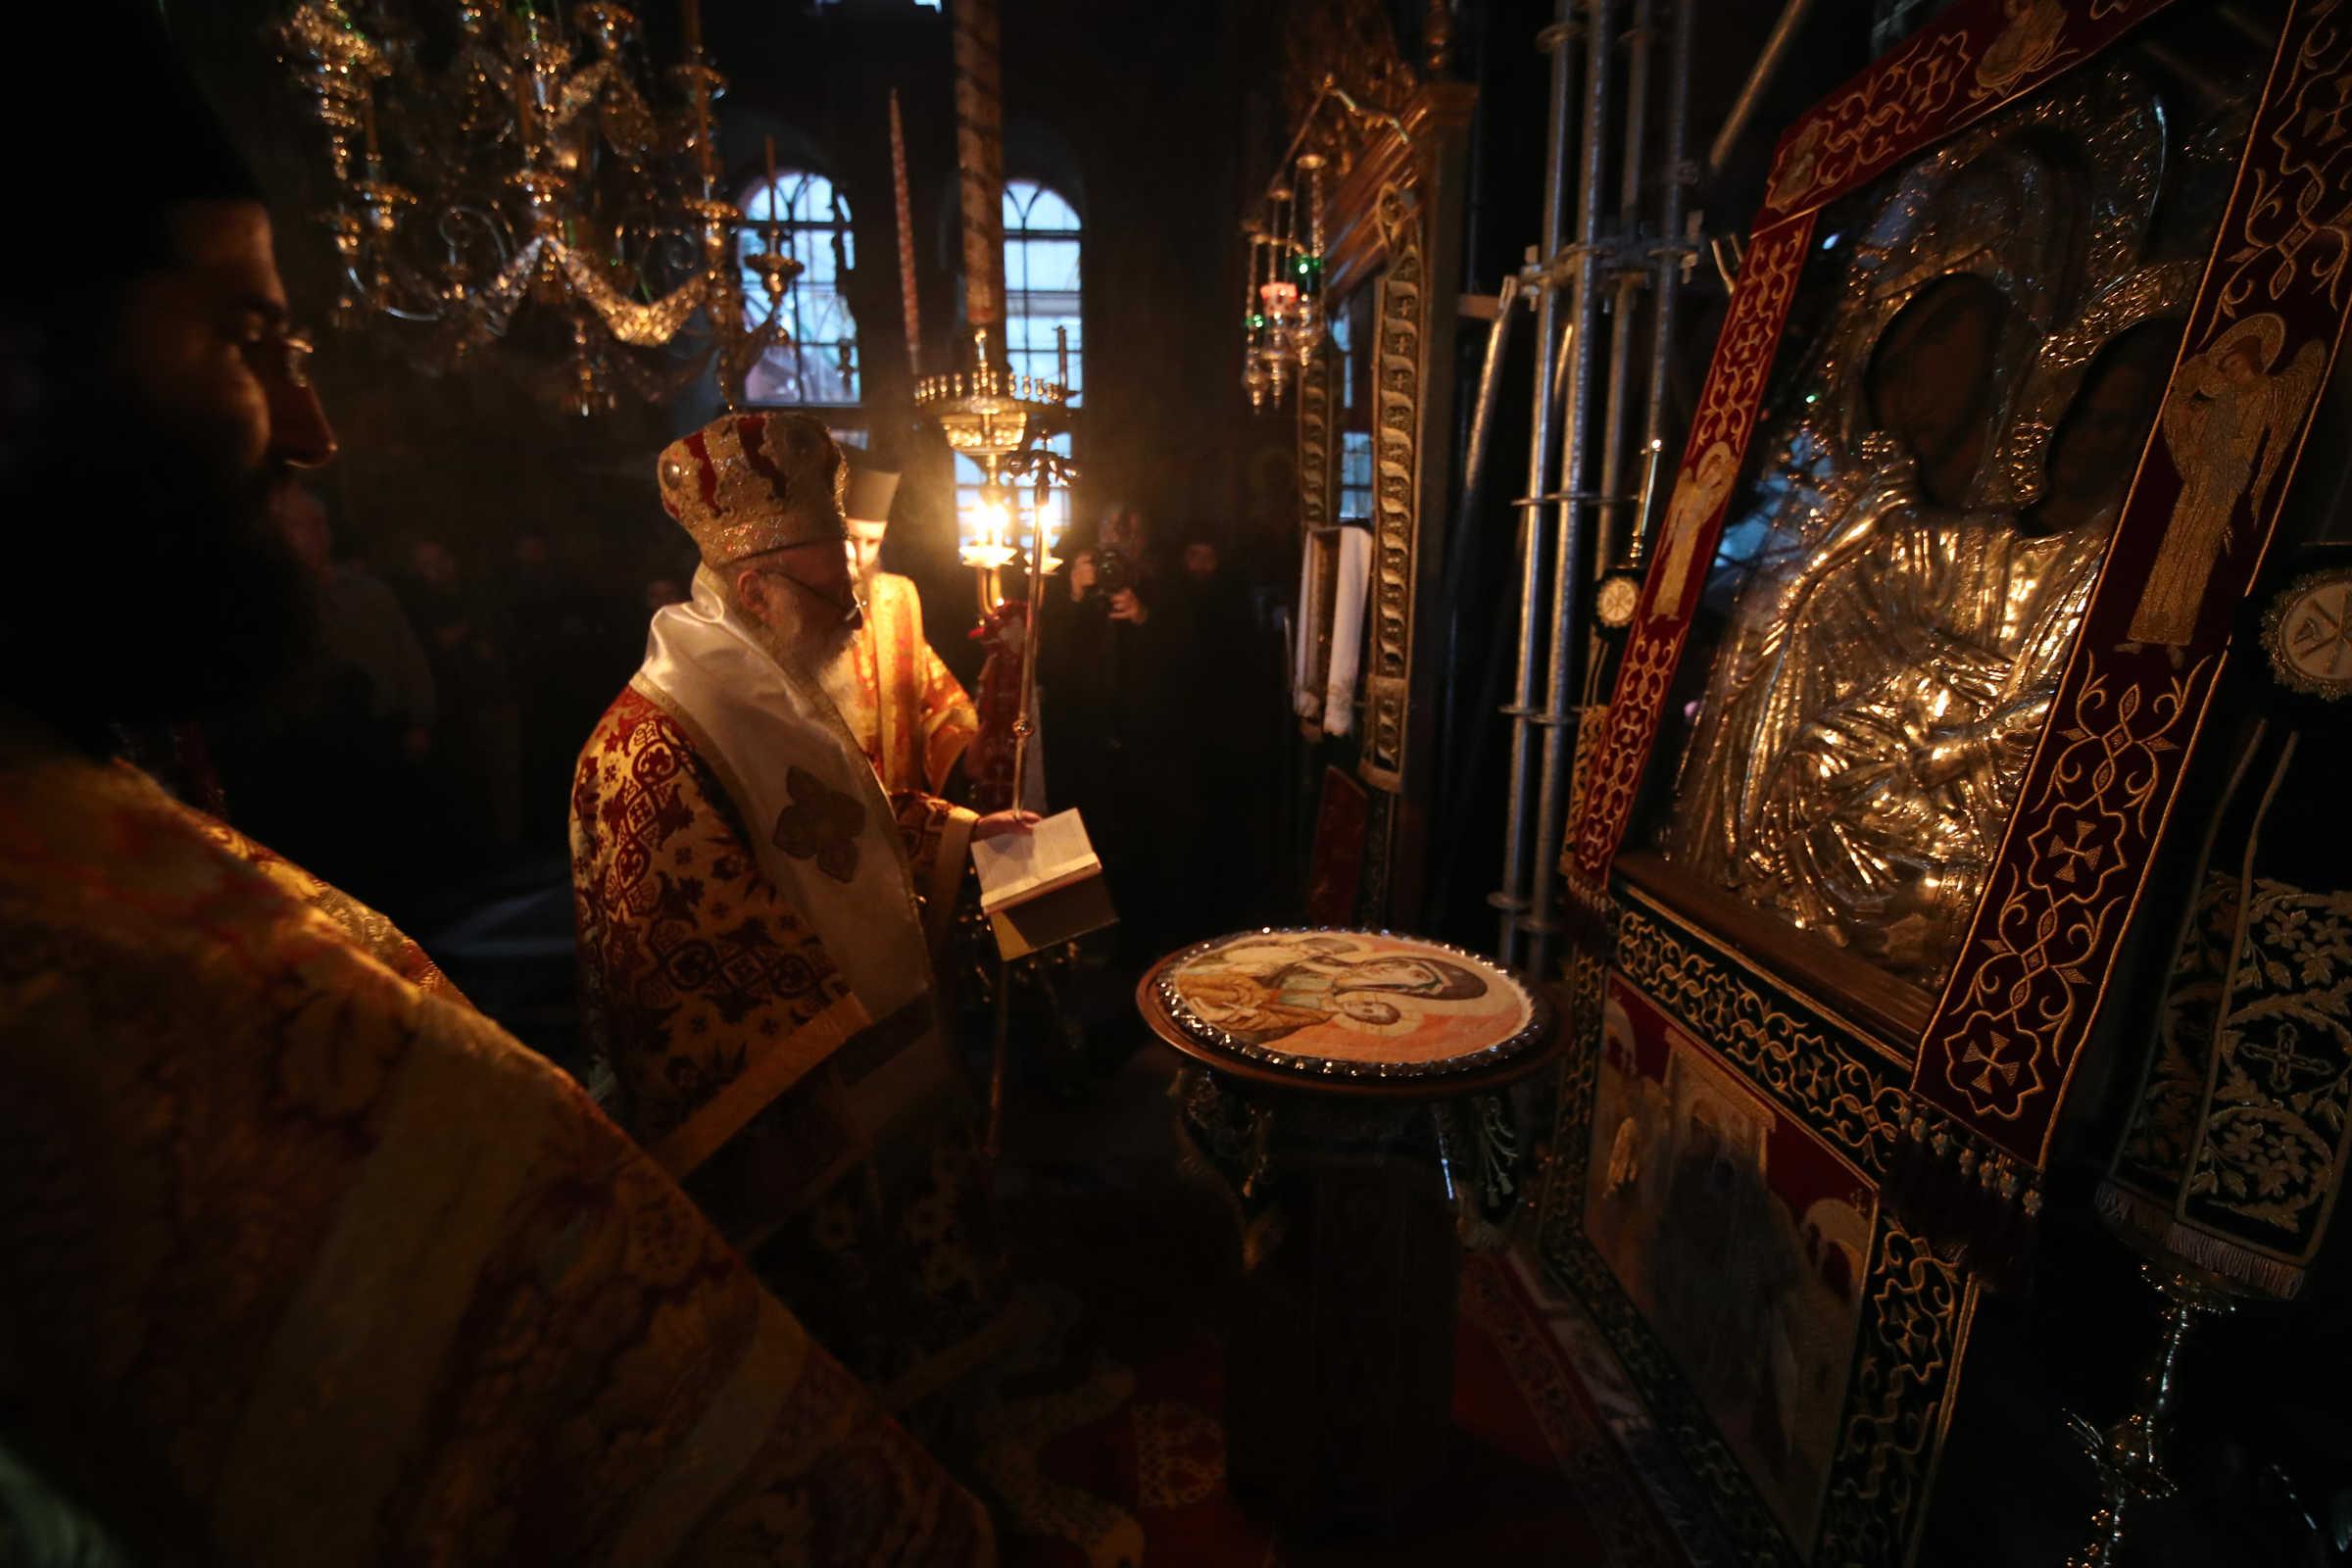 Coliva: definiție și minunea Sfântului Teodor Tiron